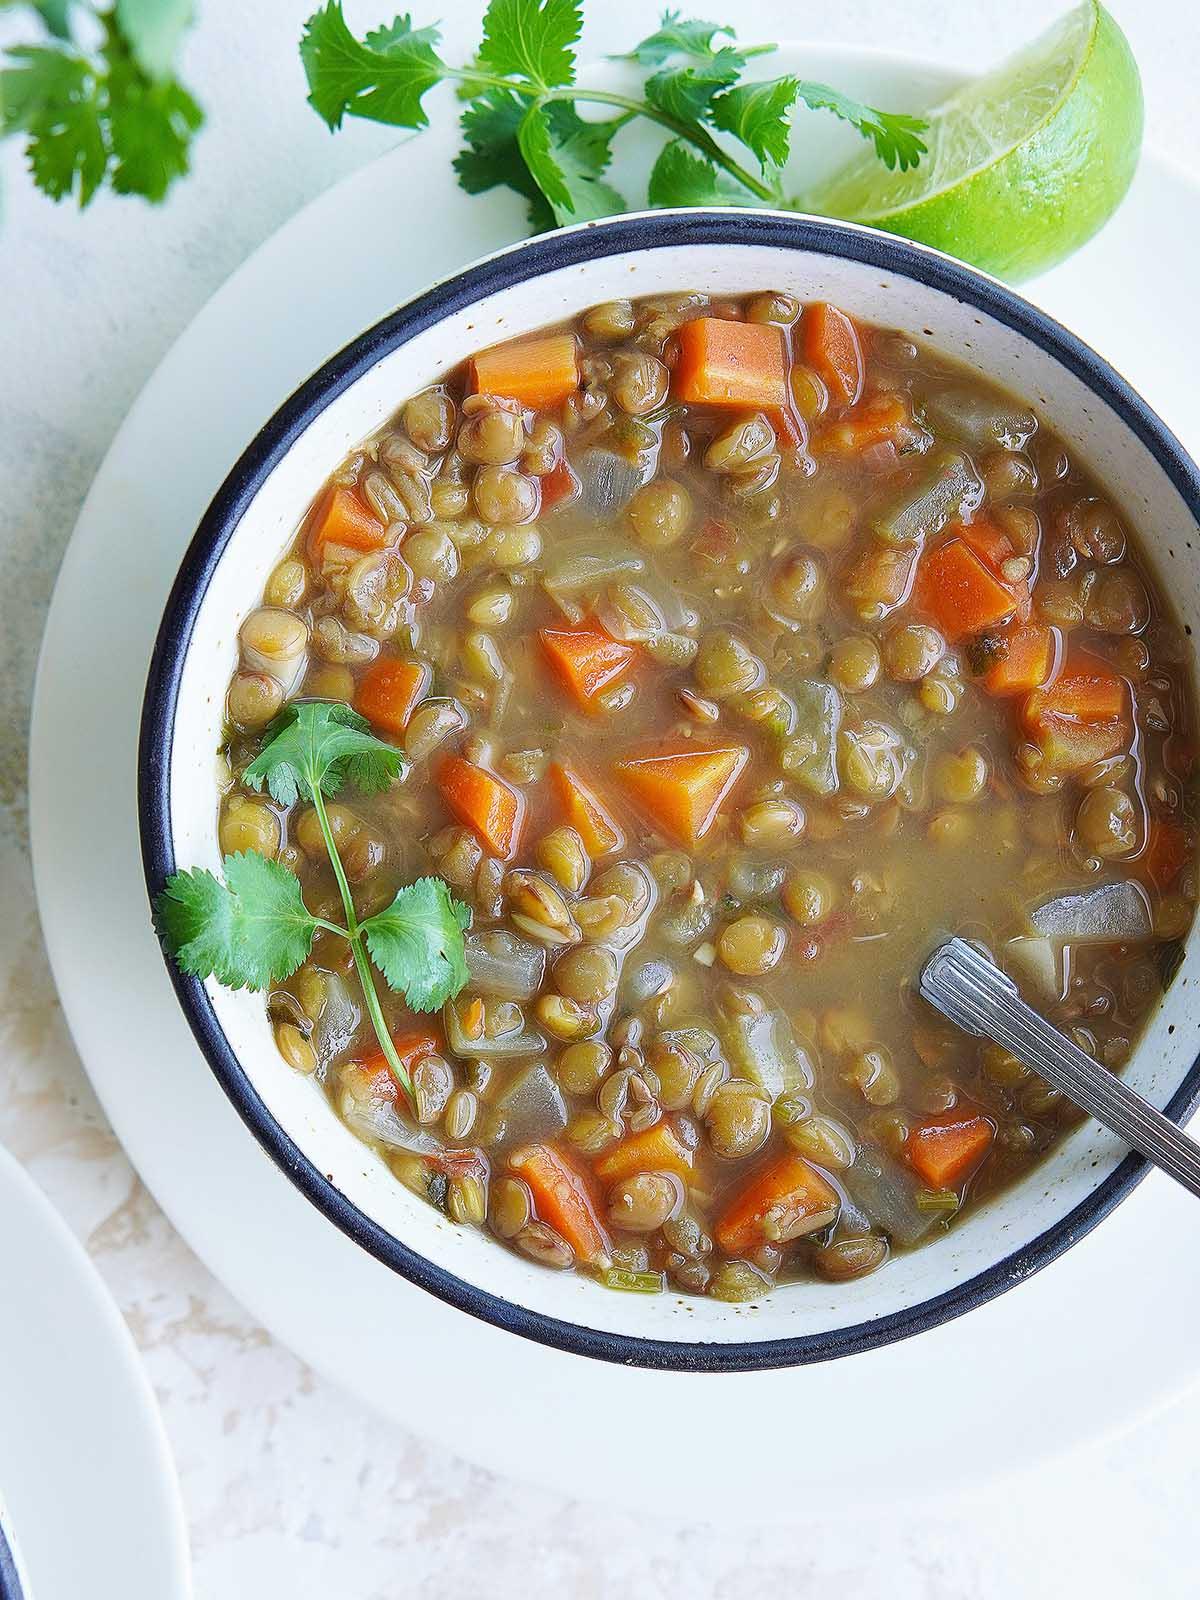 A white bowl with lentil soup